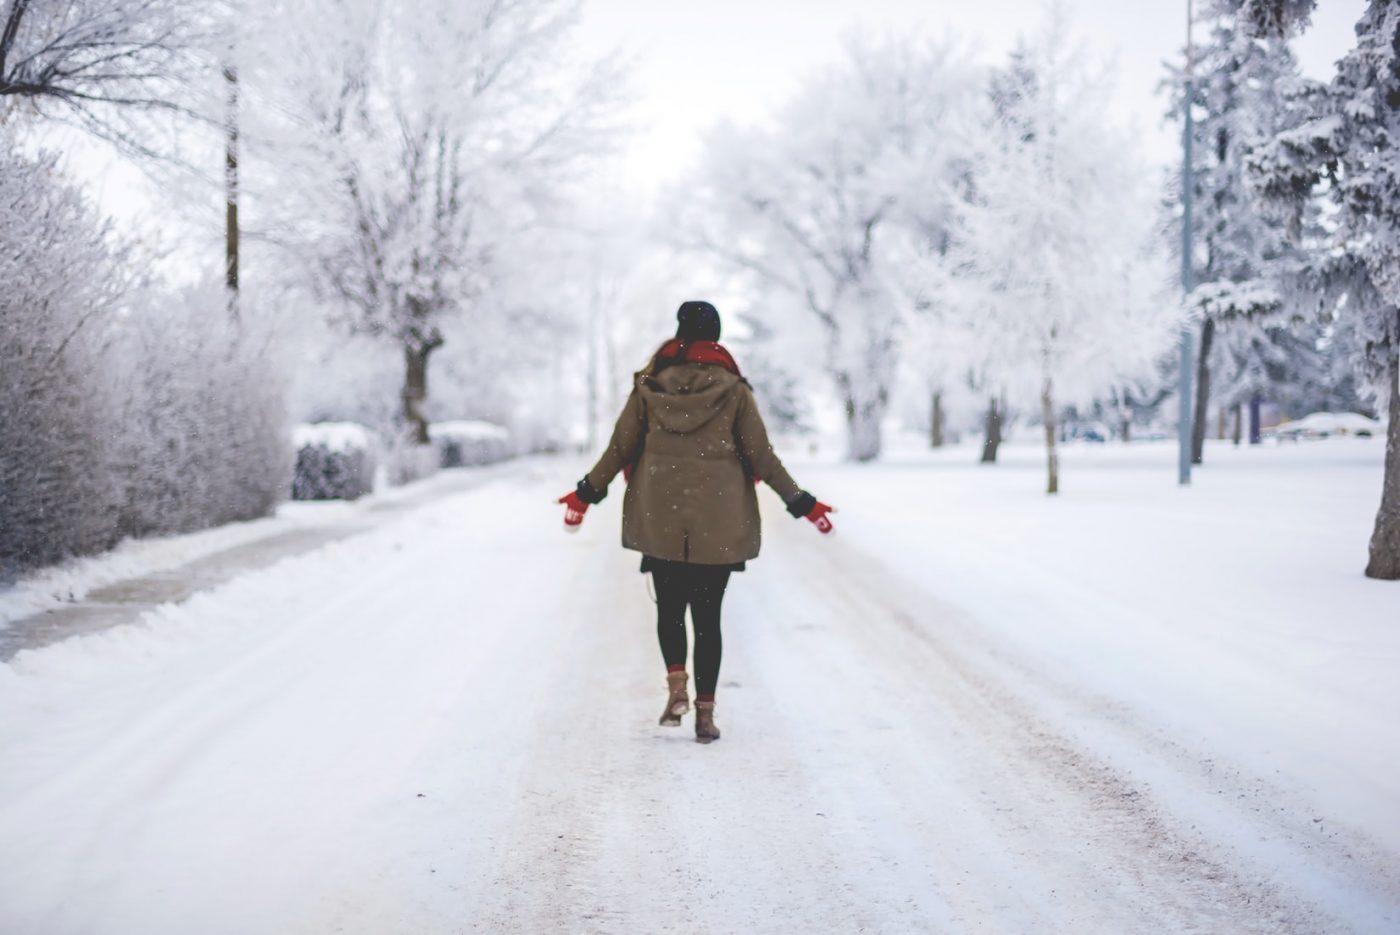 Šetnja po hladnoći: 10 nevjerojatnih stvari koje čini našem zdravlju